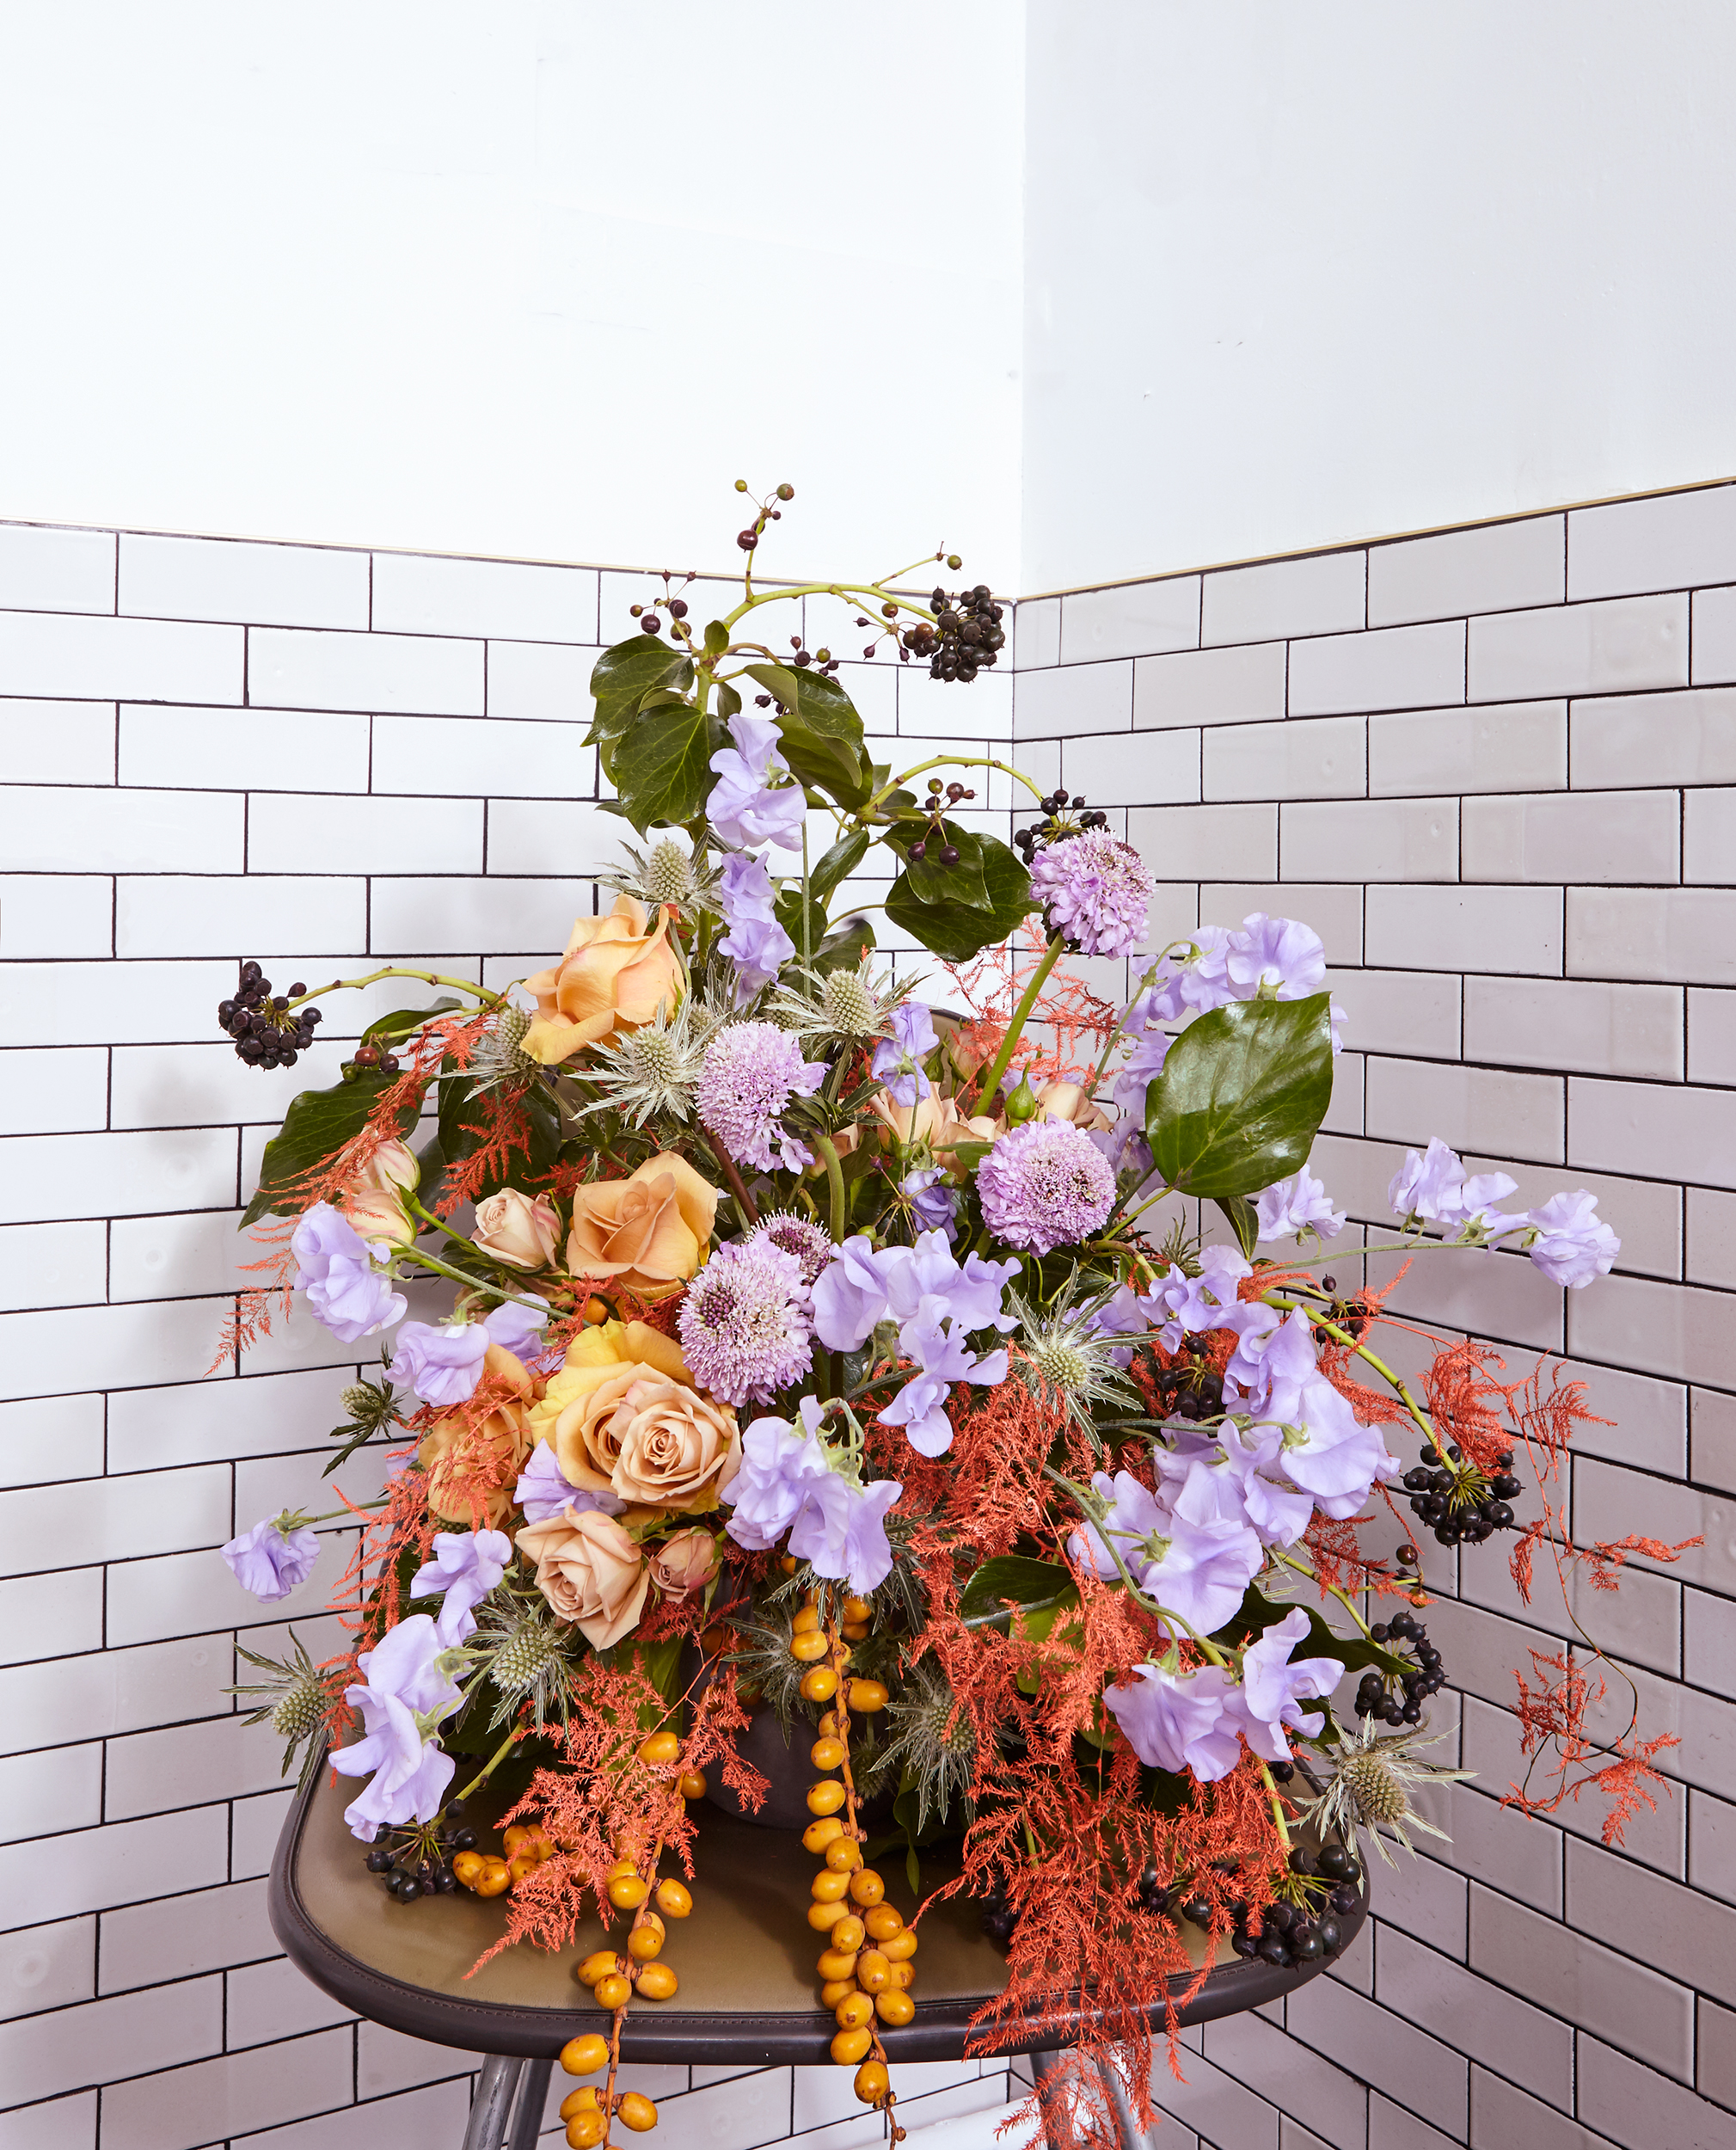 08_BathroomDetail5.jpg